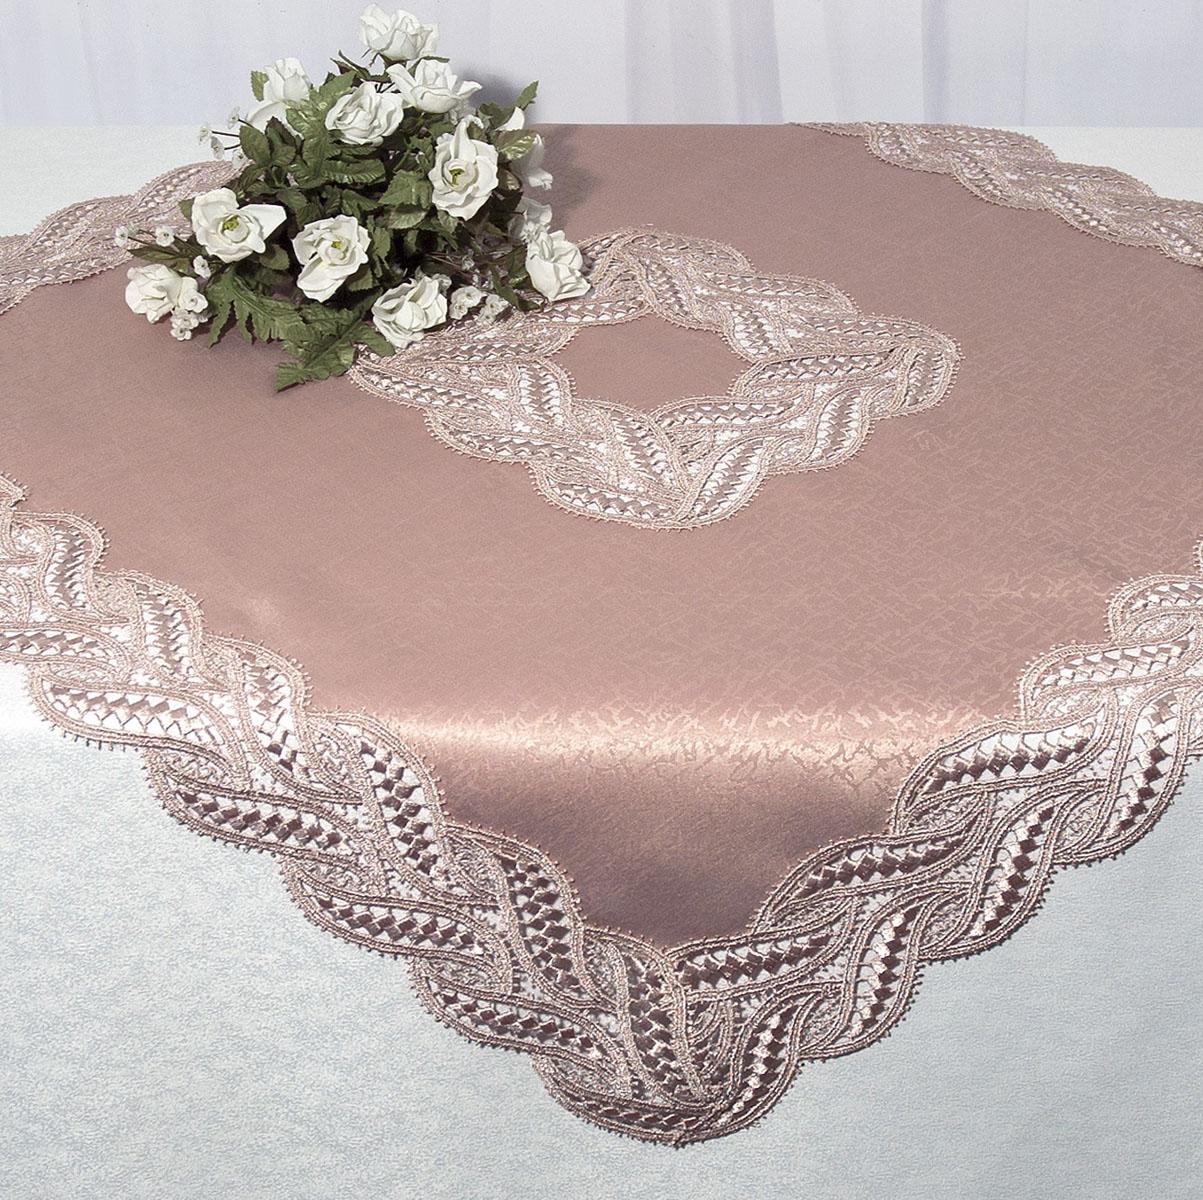 Скатерть Schaefer, квадратная, цвет: чайная роза, 85x 85 см. 3028Ветерок 2ГФКвадратная скатерть Schaefer среднего размера, выполненная из полиэстера цвета чайной розы, оформлена вышитым по краю и в центре кружевом, в тон скатерти, в технике - макраме. Изделия из полиэстера легко стирать: они не мнутся, не садятся и быстро сохнут, они более долговечны, чем изделия из натуральных волокон.Вы можете использовать эту скатерть самостоятельно, либо сверху основной, однотонной, большой скатерти. В любом случае она добавит в ваш дом стиля, изысканности и неповторимости. Характеристики:Материал: 100% полиэстер. Цвет: чайная роза. Размер скатерти:85 см х 85 см. Артикул:3028. Немецкая компания Schaefer создана в 1921 году. На протяжении всего времени существования она создает уникальные коллекции домашнего текстиля для гостиных, спален, кухонь и ванных комнат. Дизайнерские идеи немецких художников компании Schaefer воплощаются в текстильных изделиях, которые сделают ваш дом красивее и уютнее и не останутся незамеченными вашими гостями. Дарите себе и близким красоту каждый день!